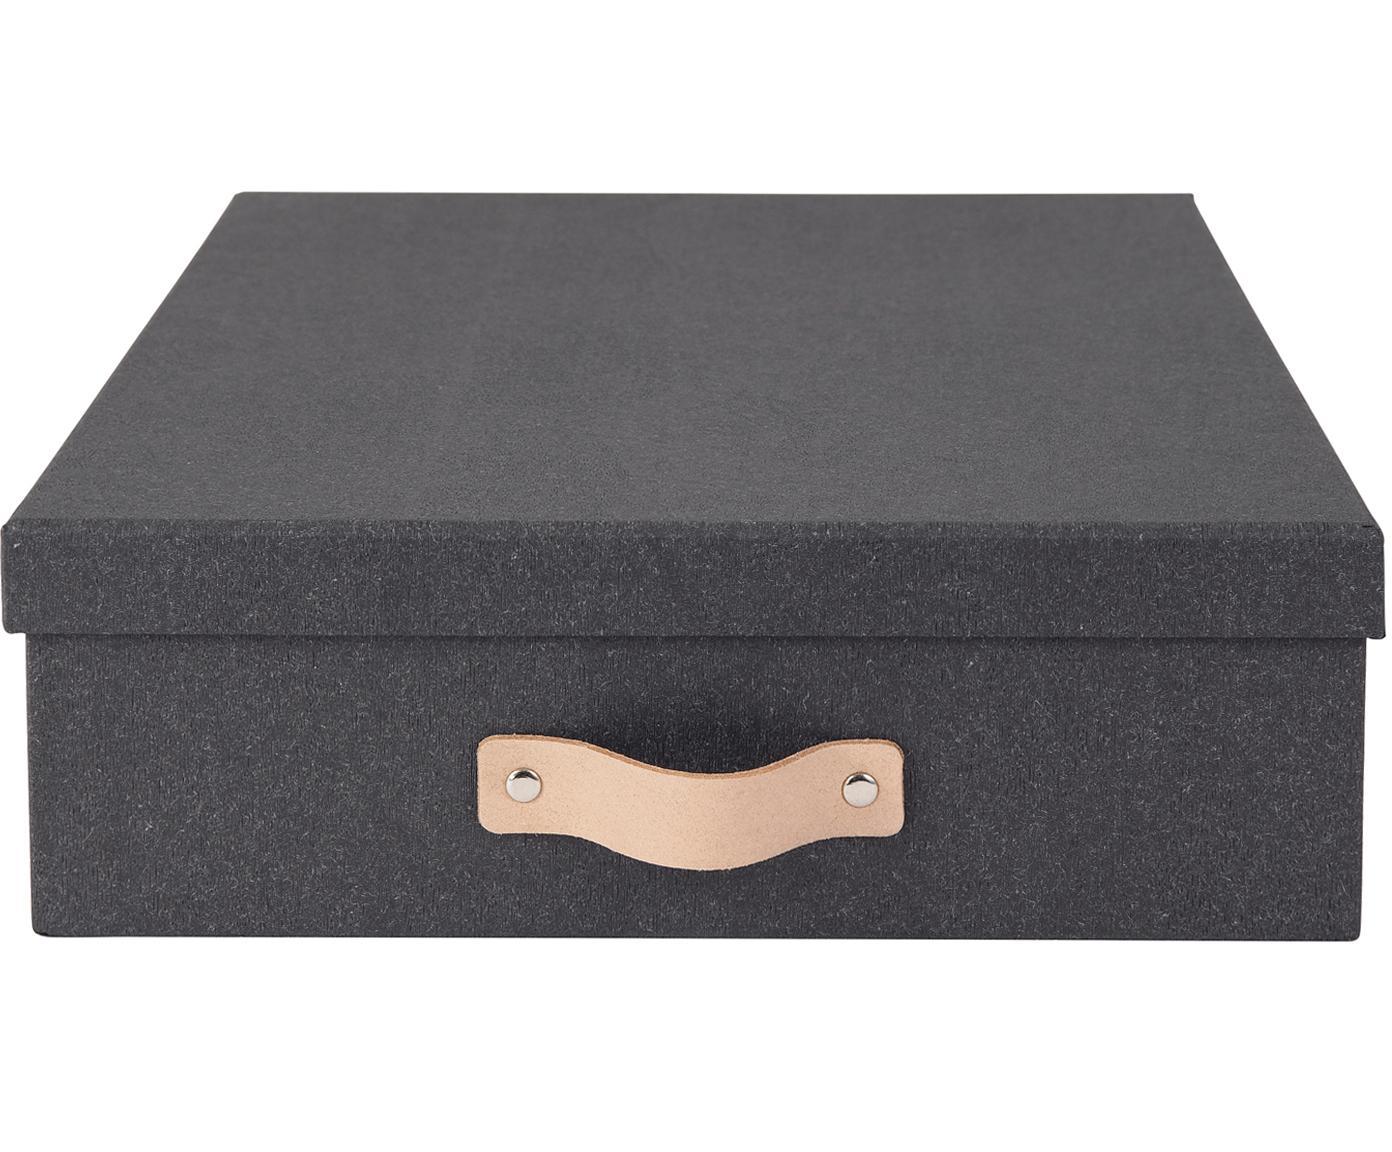 Aufbewahrungsbox Oskar II, Organizer: Fester Karton, mit Holzde, Griff: Leder, Organizer aussen: SchwarzOrganizer innen: SchwarzGriff: Beige, 26 x 9 cm